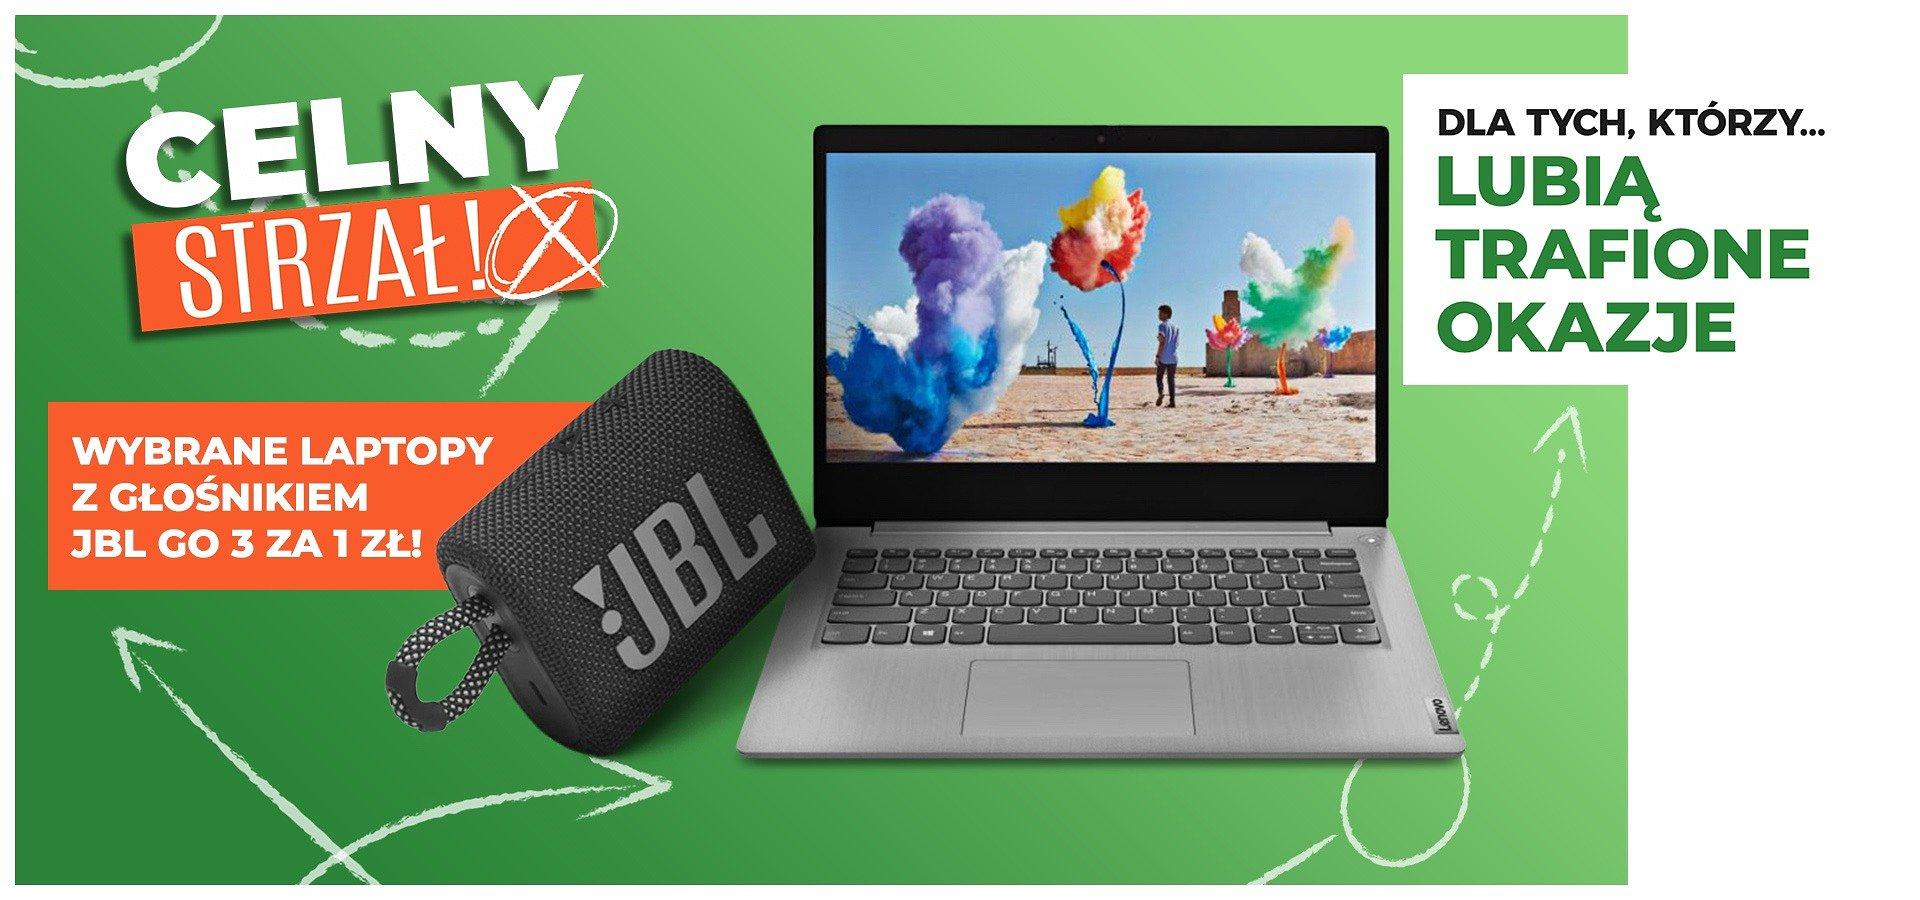 Wymień laptopa na nowy i odbierz głośnik JBL za 1 zł!